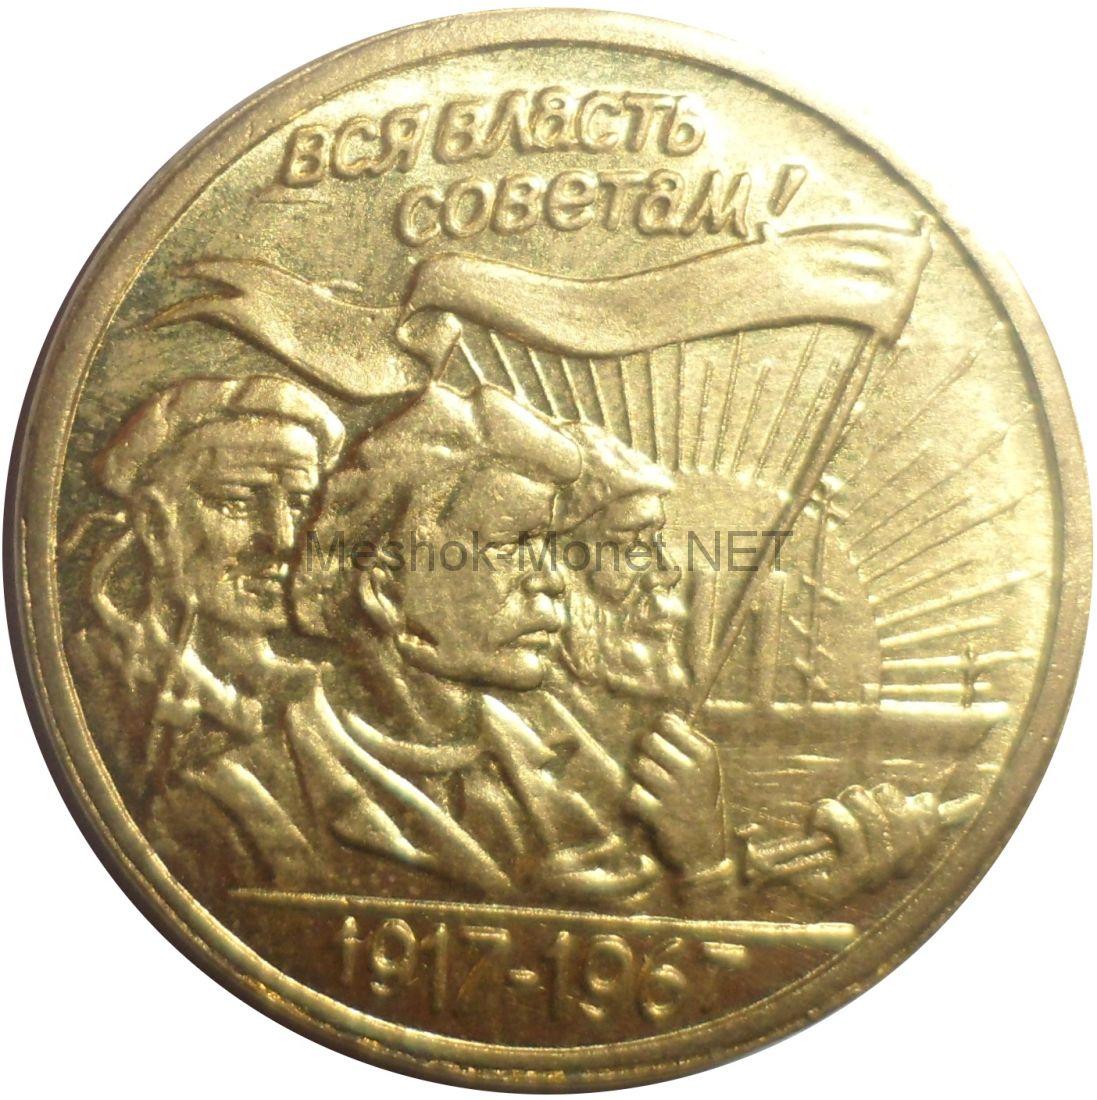 Копия монеты 20 копеек 1967 года. Трудящиеся